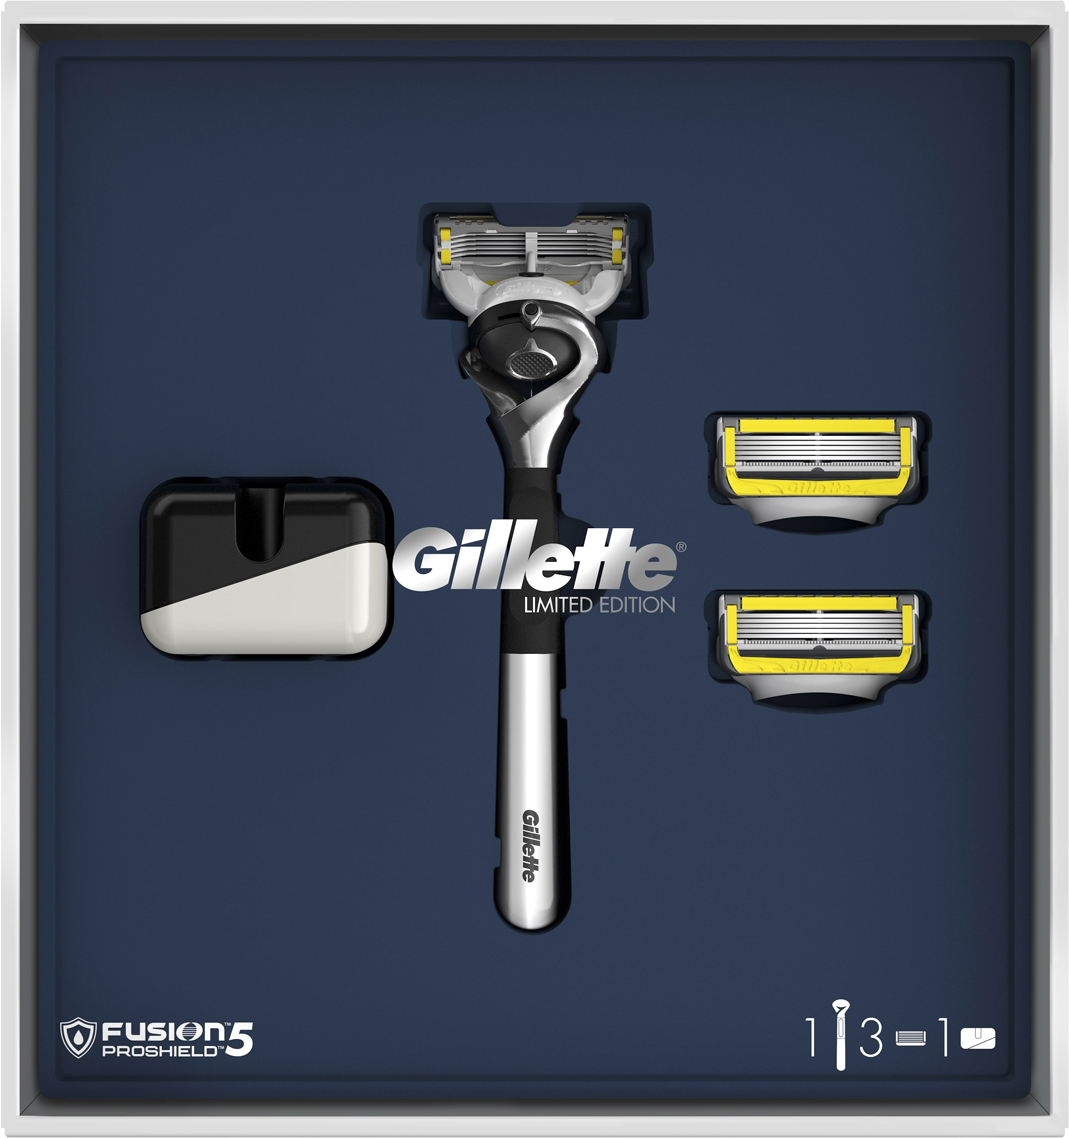 Подарочный набор Gillette Fusion5 ProShield: Бритва, 3 сменных кассеты, Подставка